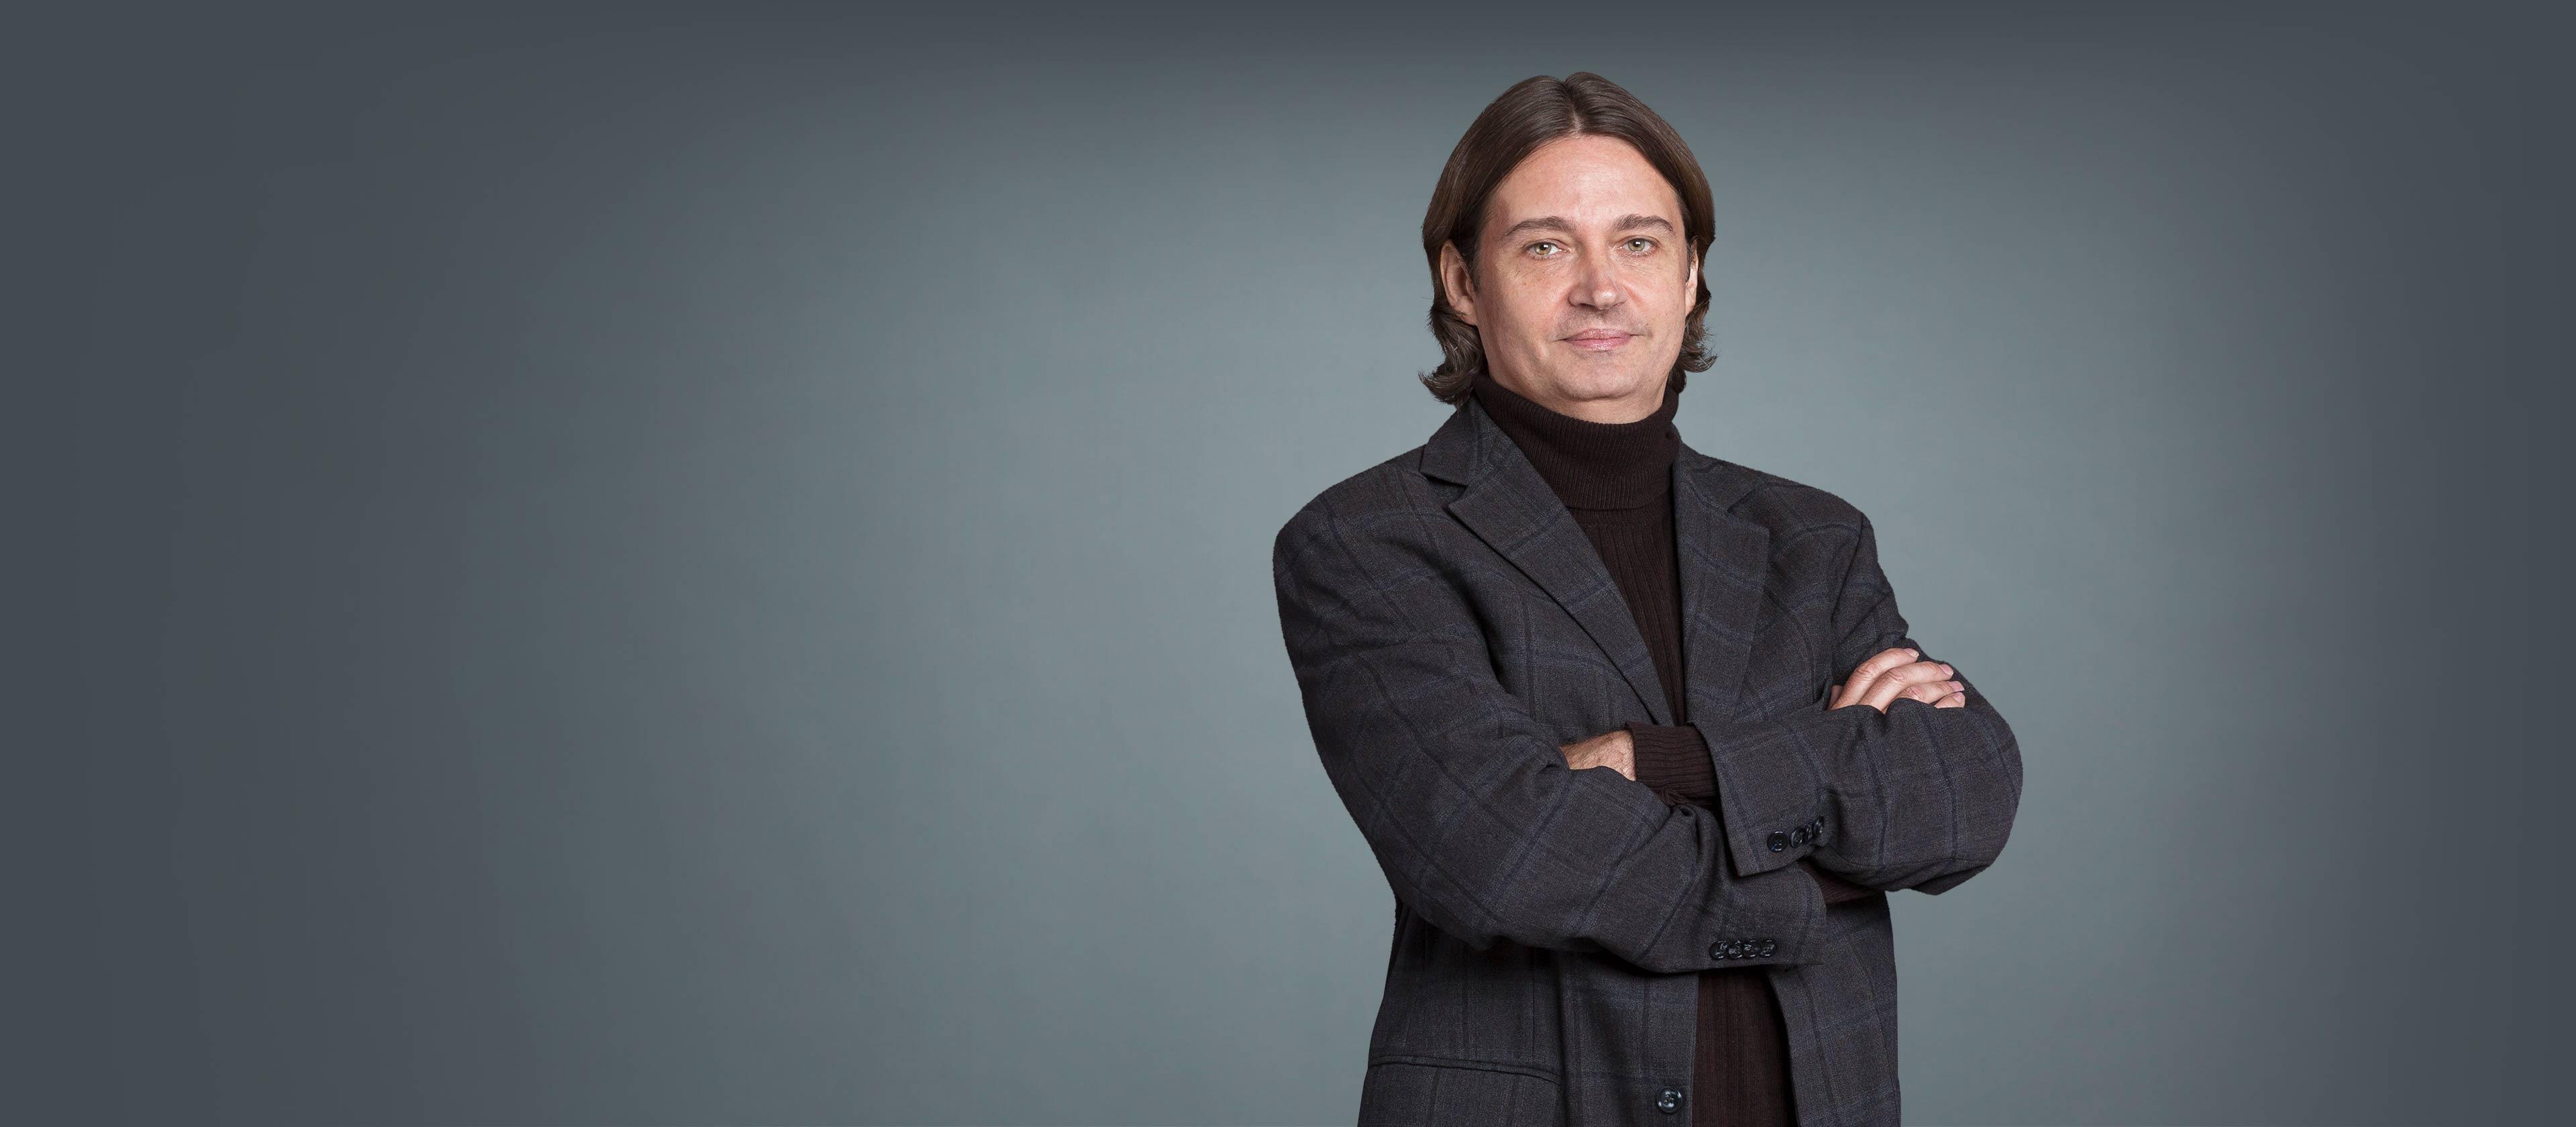 David Levy Md Nyu